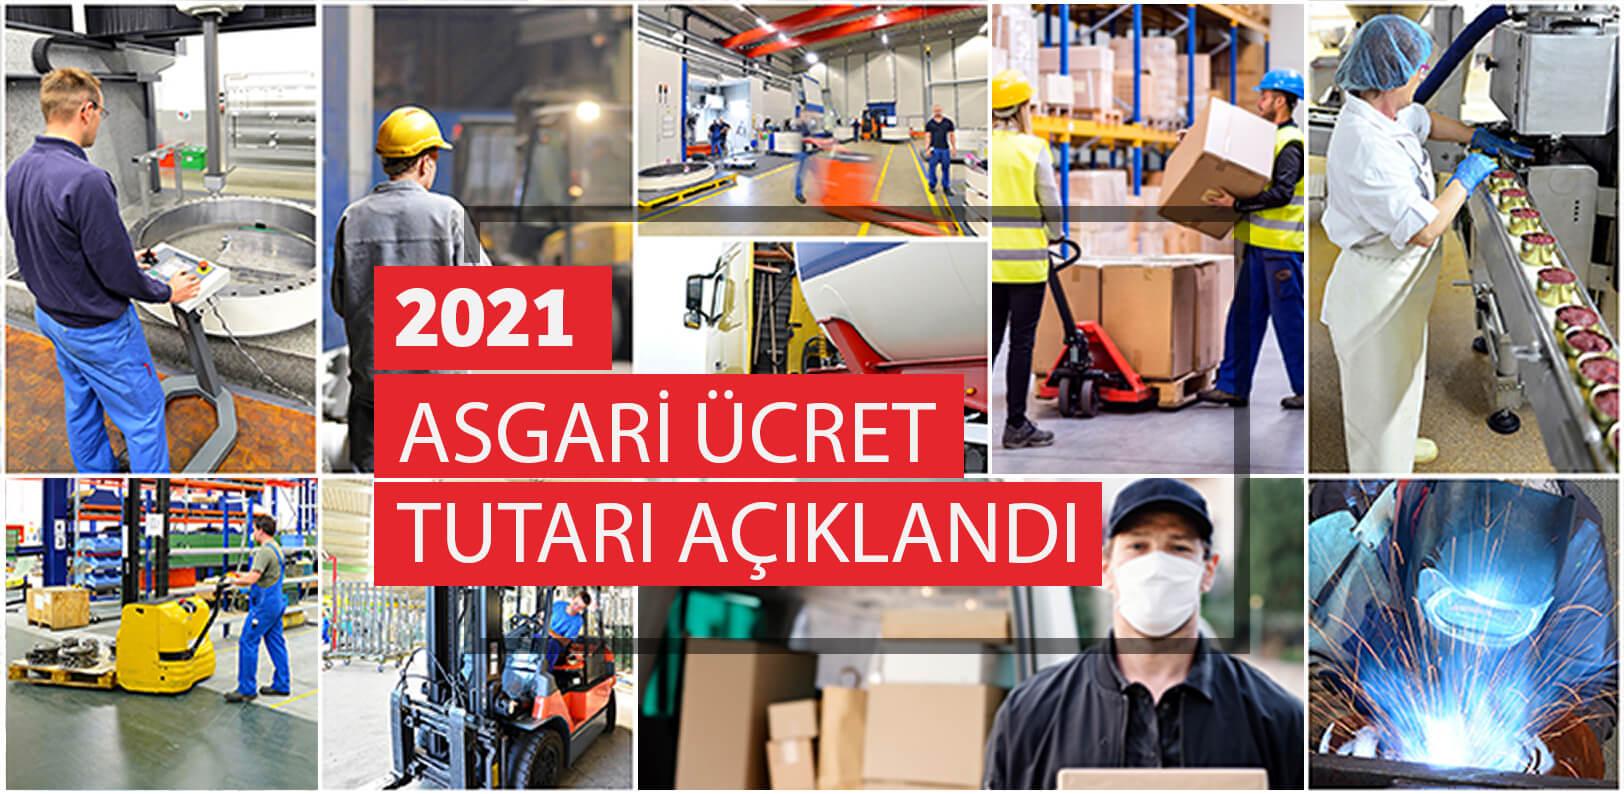 2021 Yılı Asgari Ücret, AGİ ve Yasal Parametre Değişiklikleri